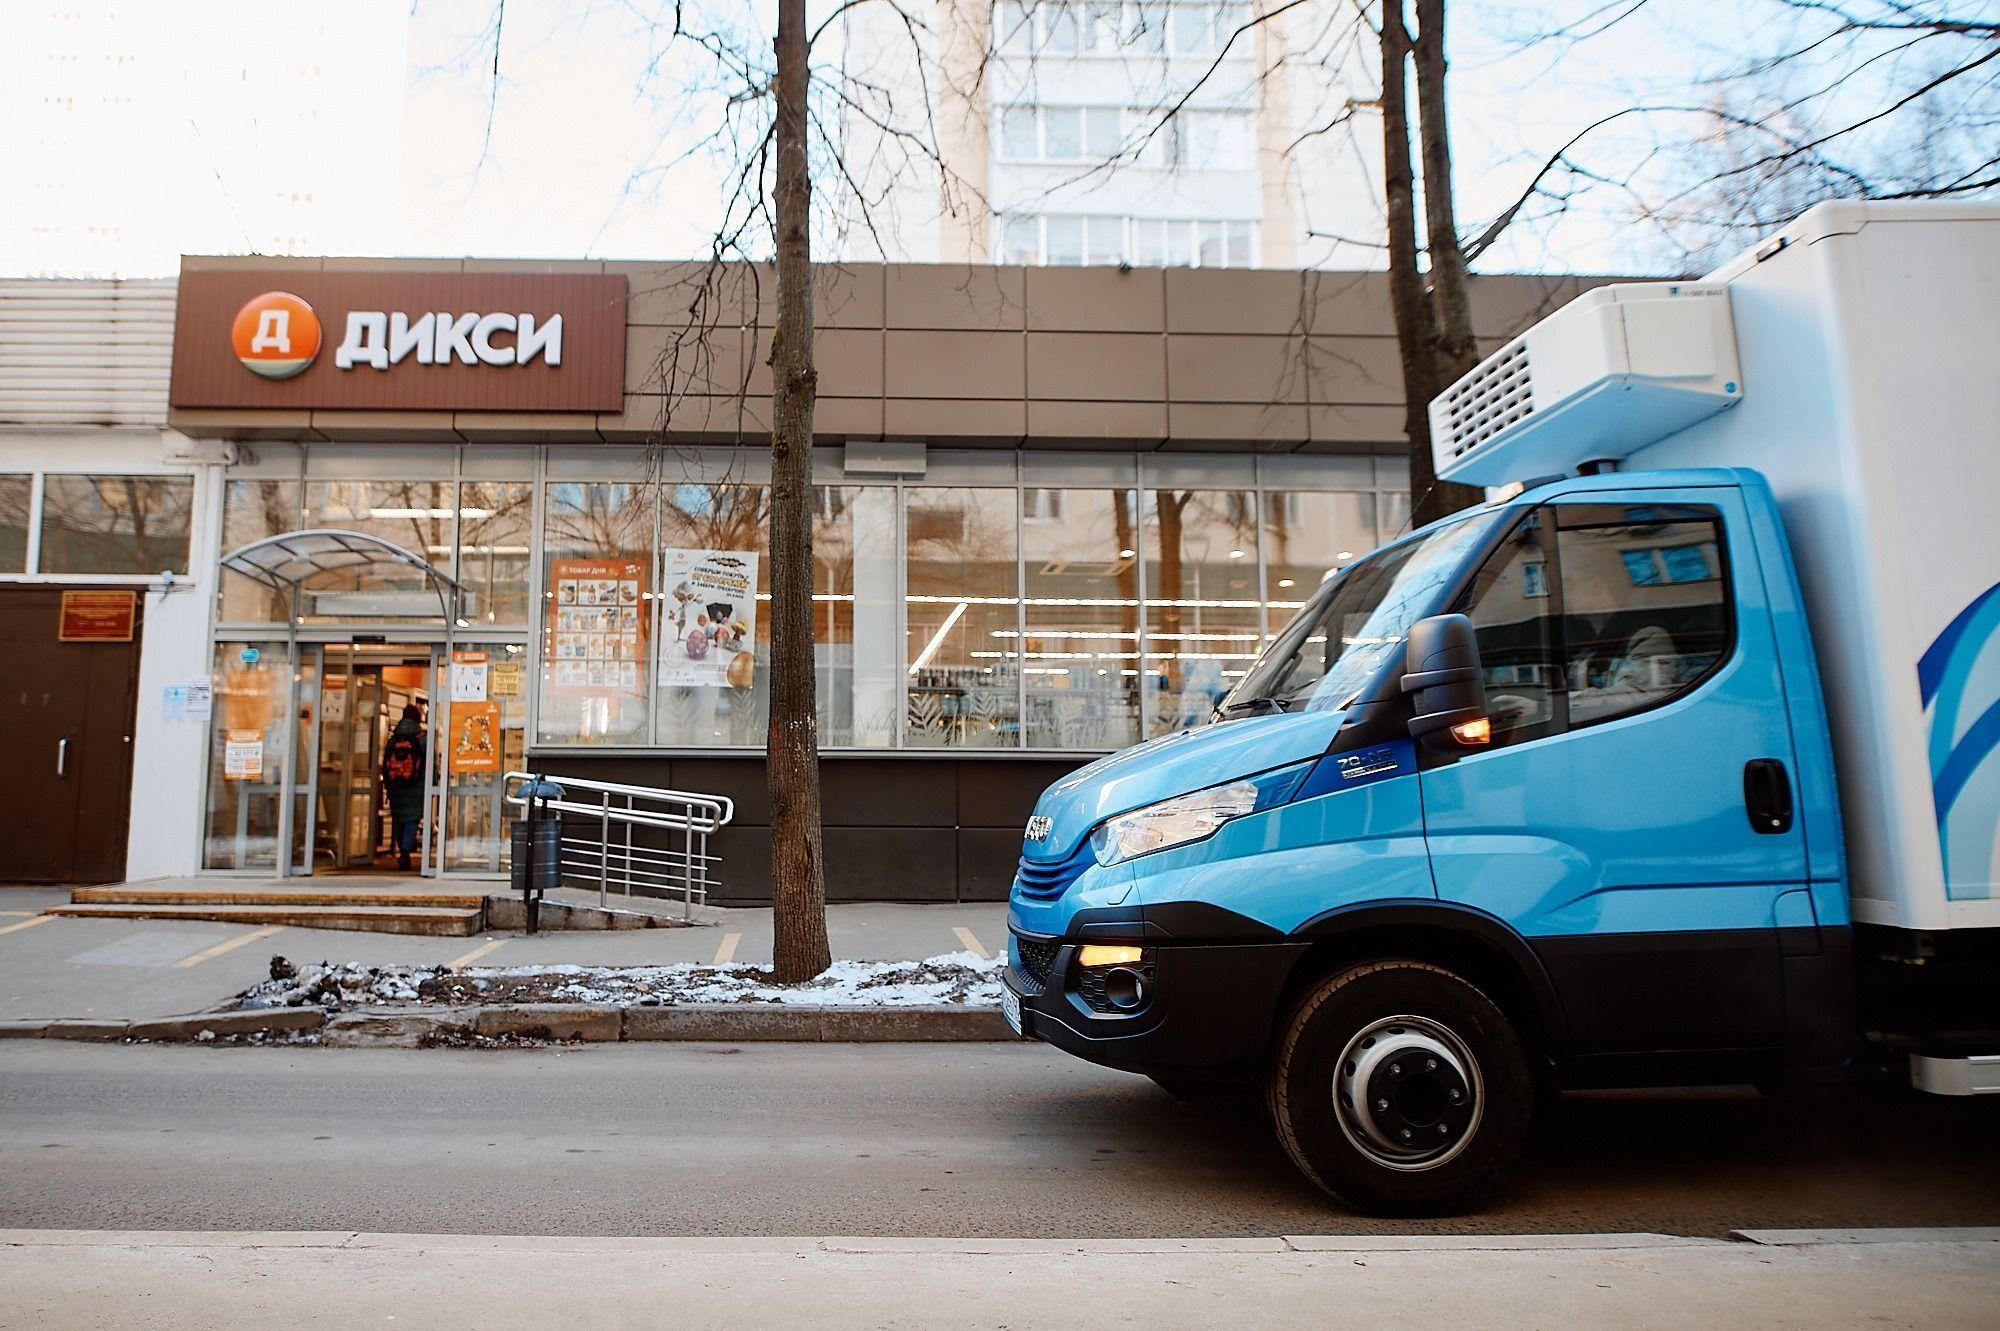 Encuentra supermercados y farmacias en Moscú